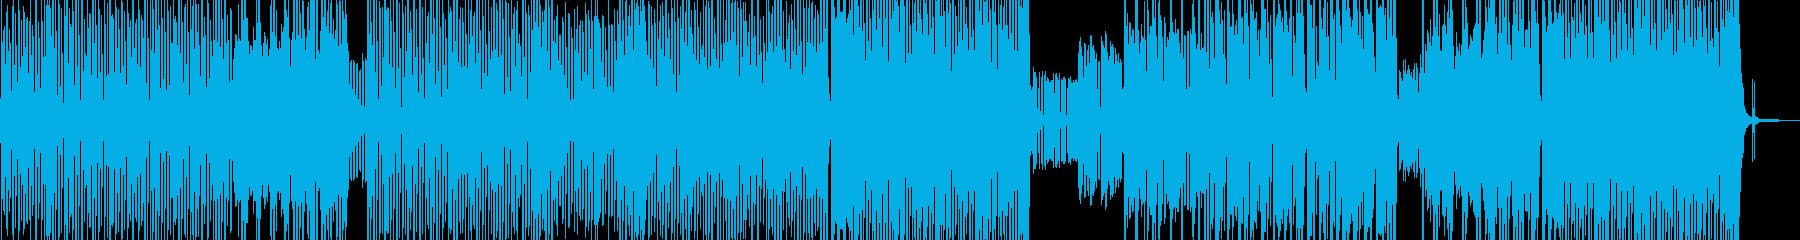 お菓子の国・パステル調テクノポップ Aの再生済みの波形